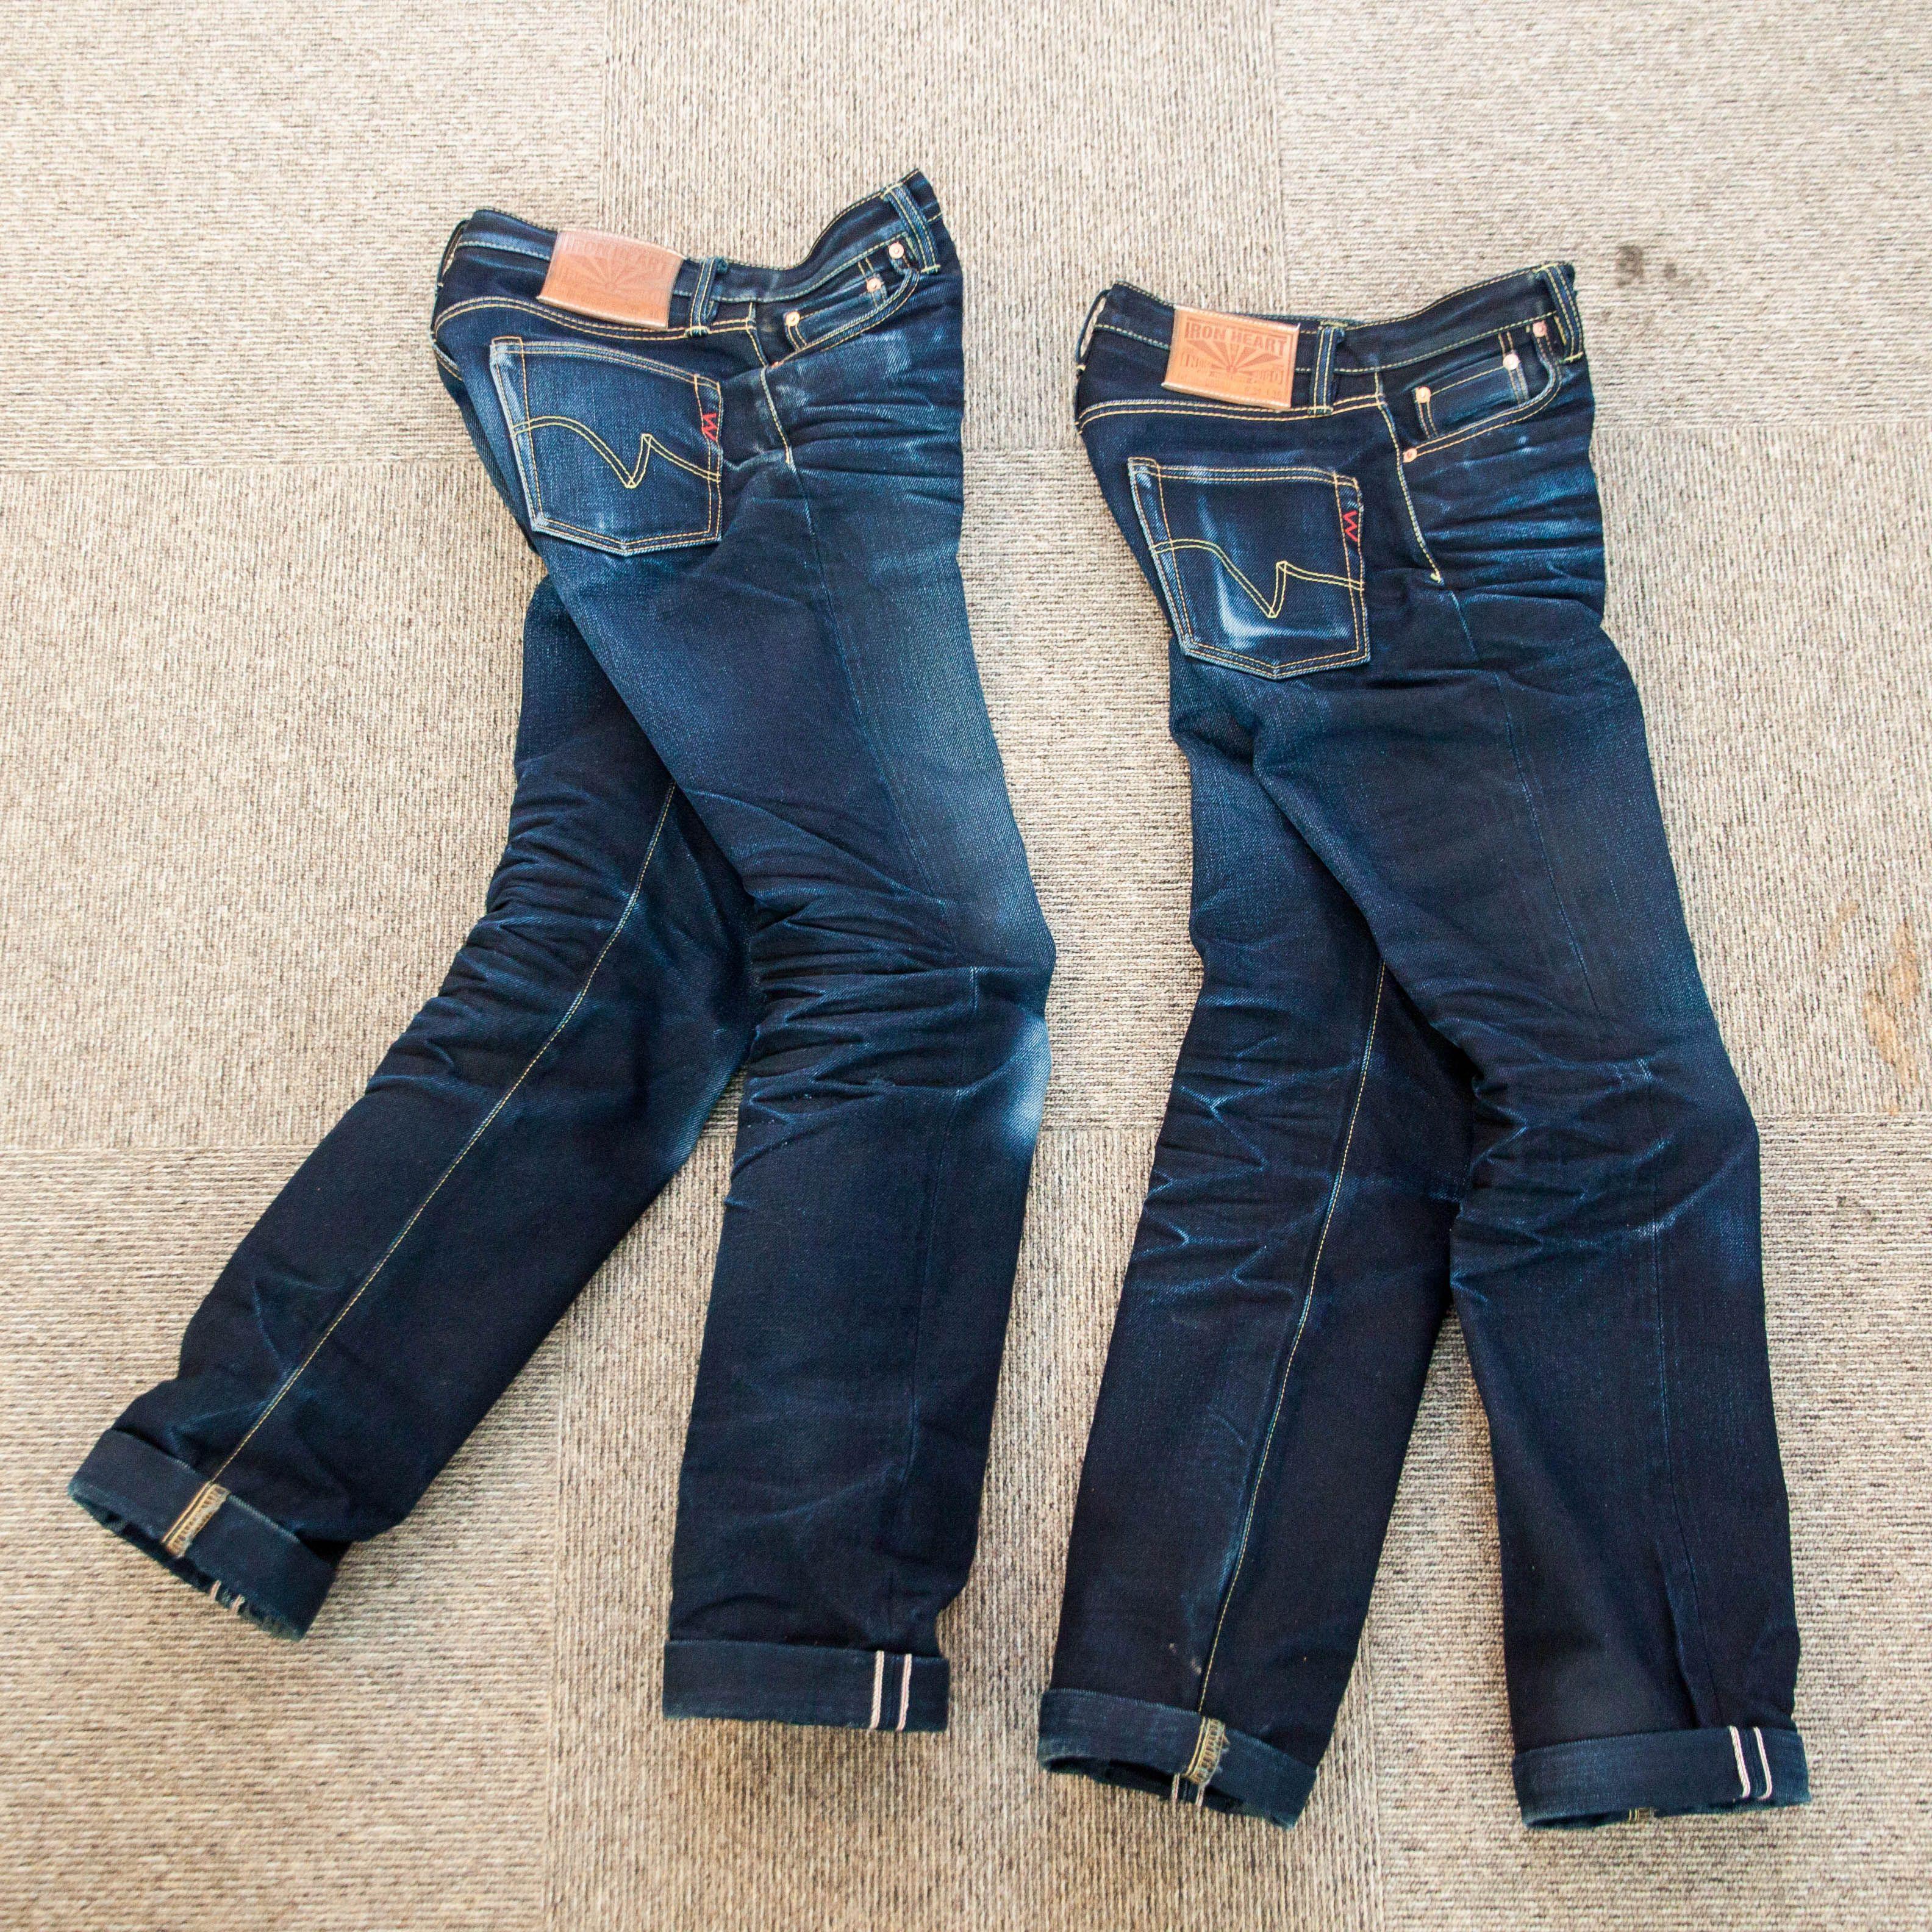 IH-666SII - 18oz Indigo/Indigo Slim Cut Jean